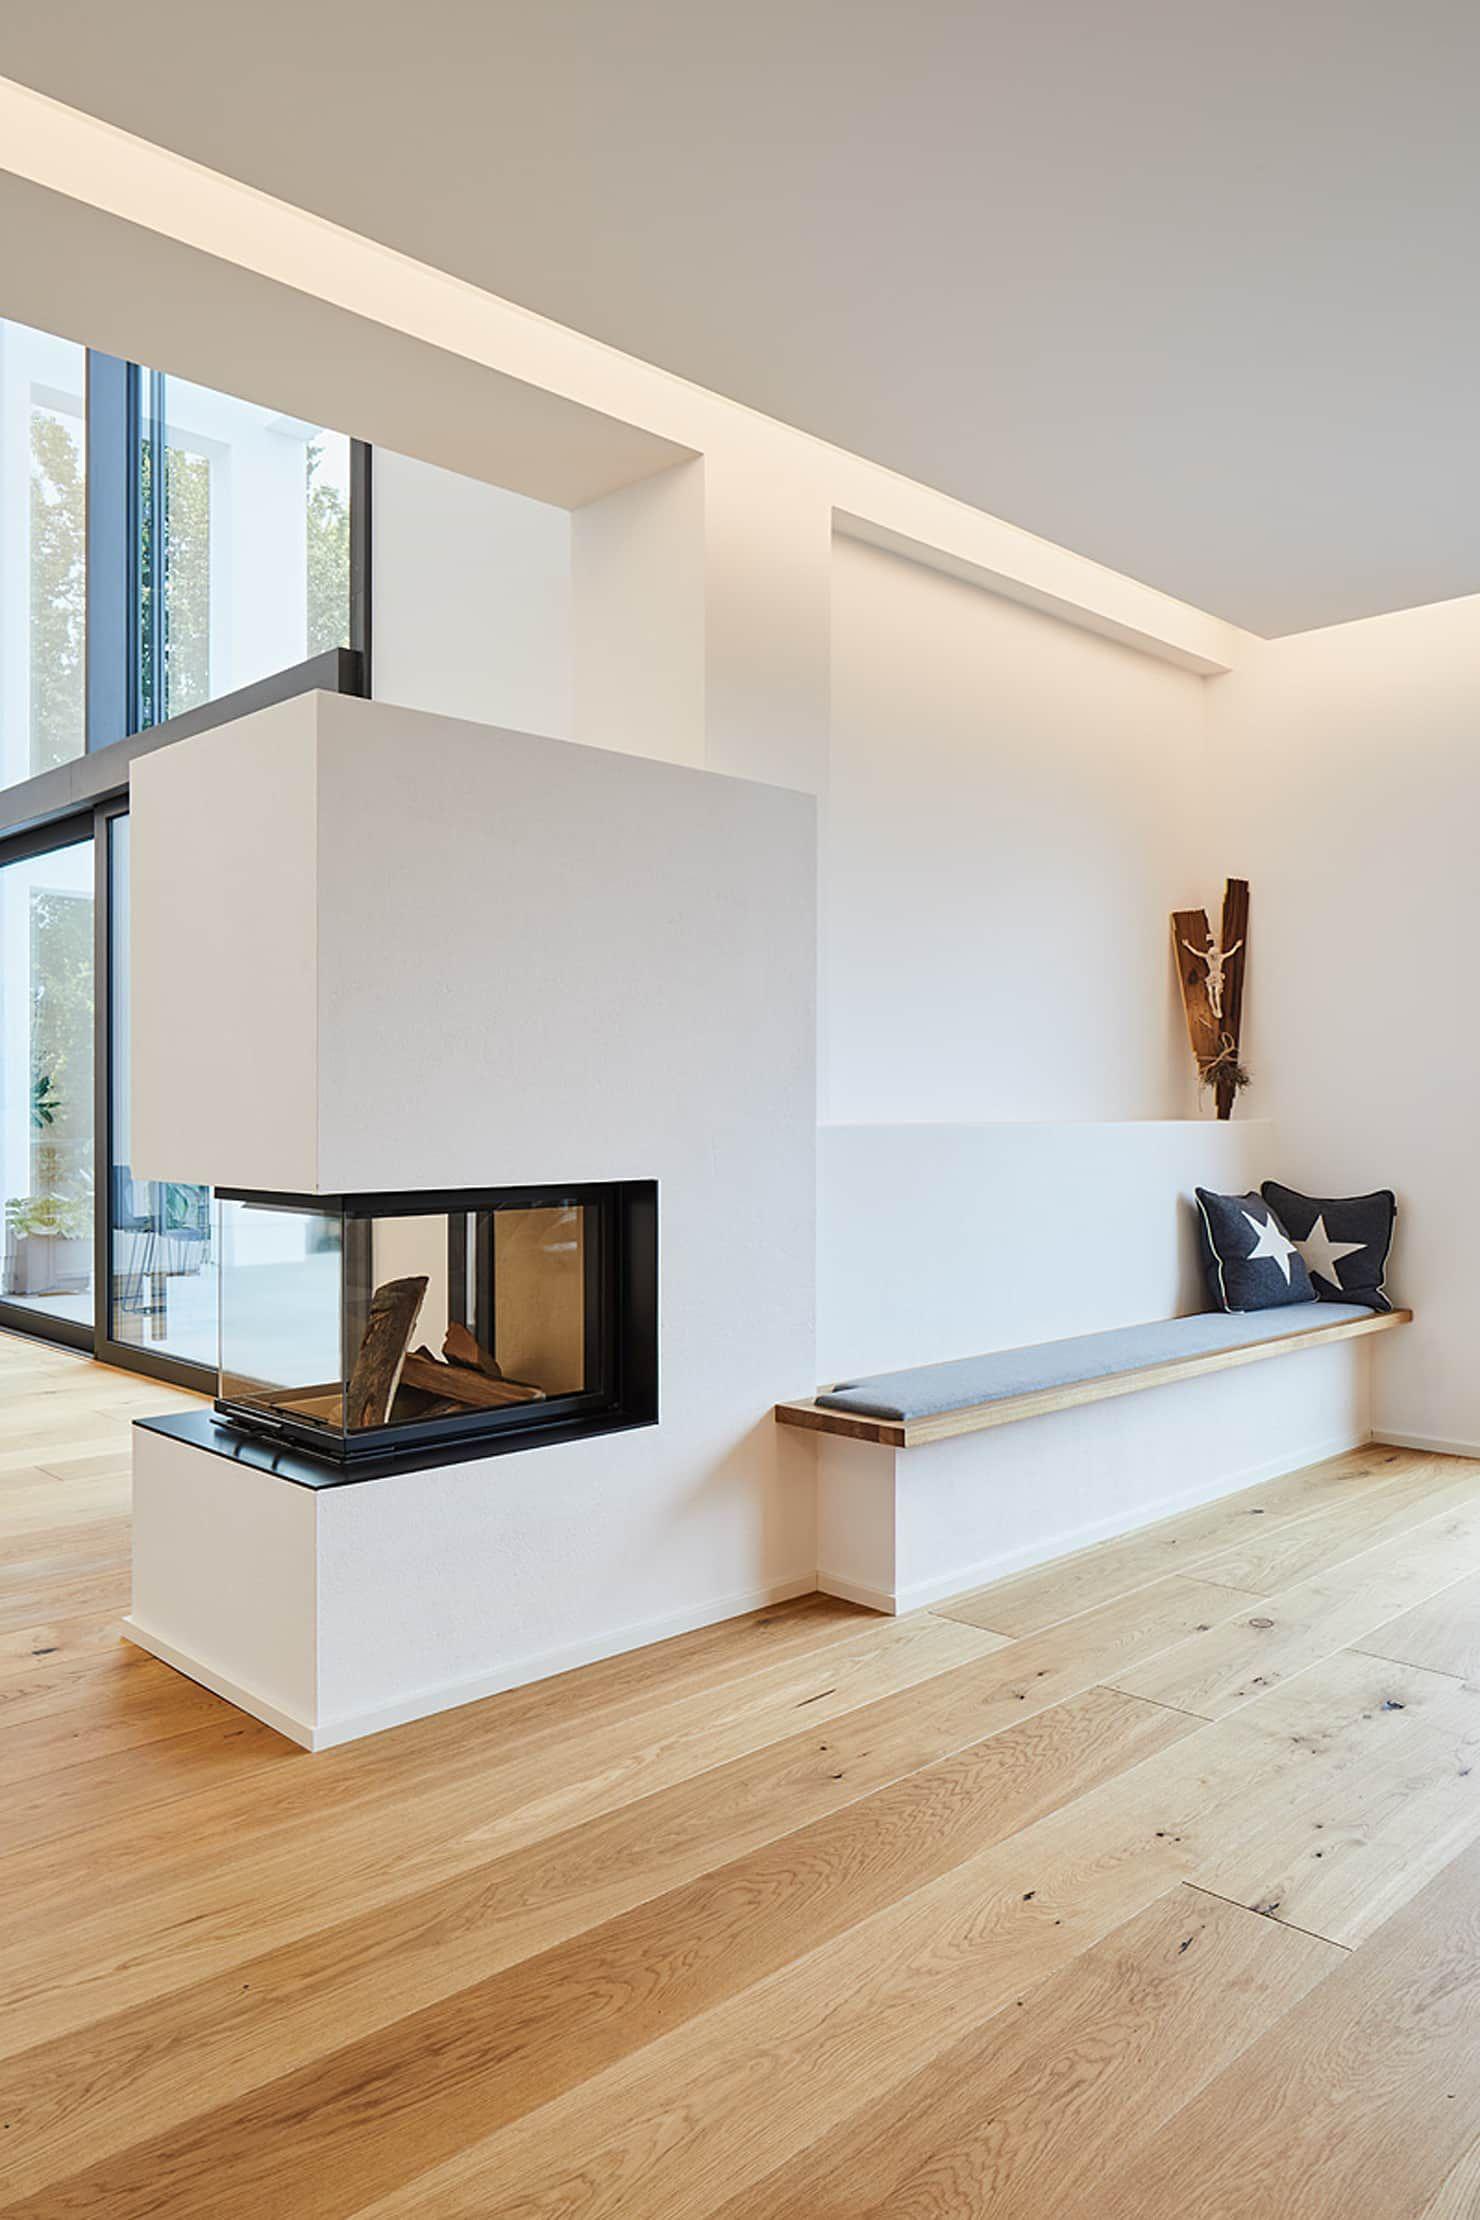 Efh in bornheim moderne wohnzimmer von philip kistner fotografie modern | homify